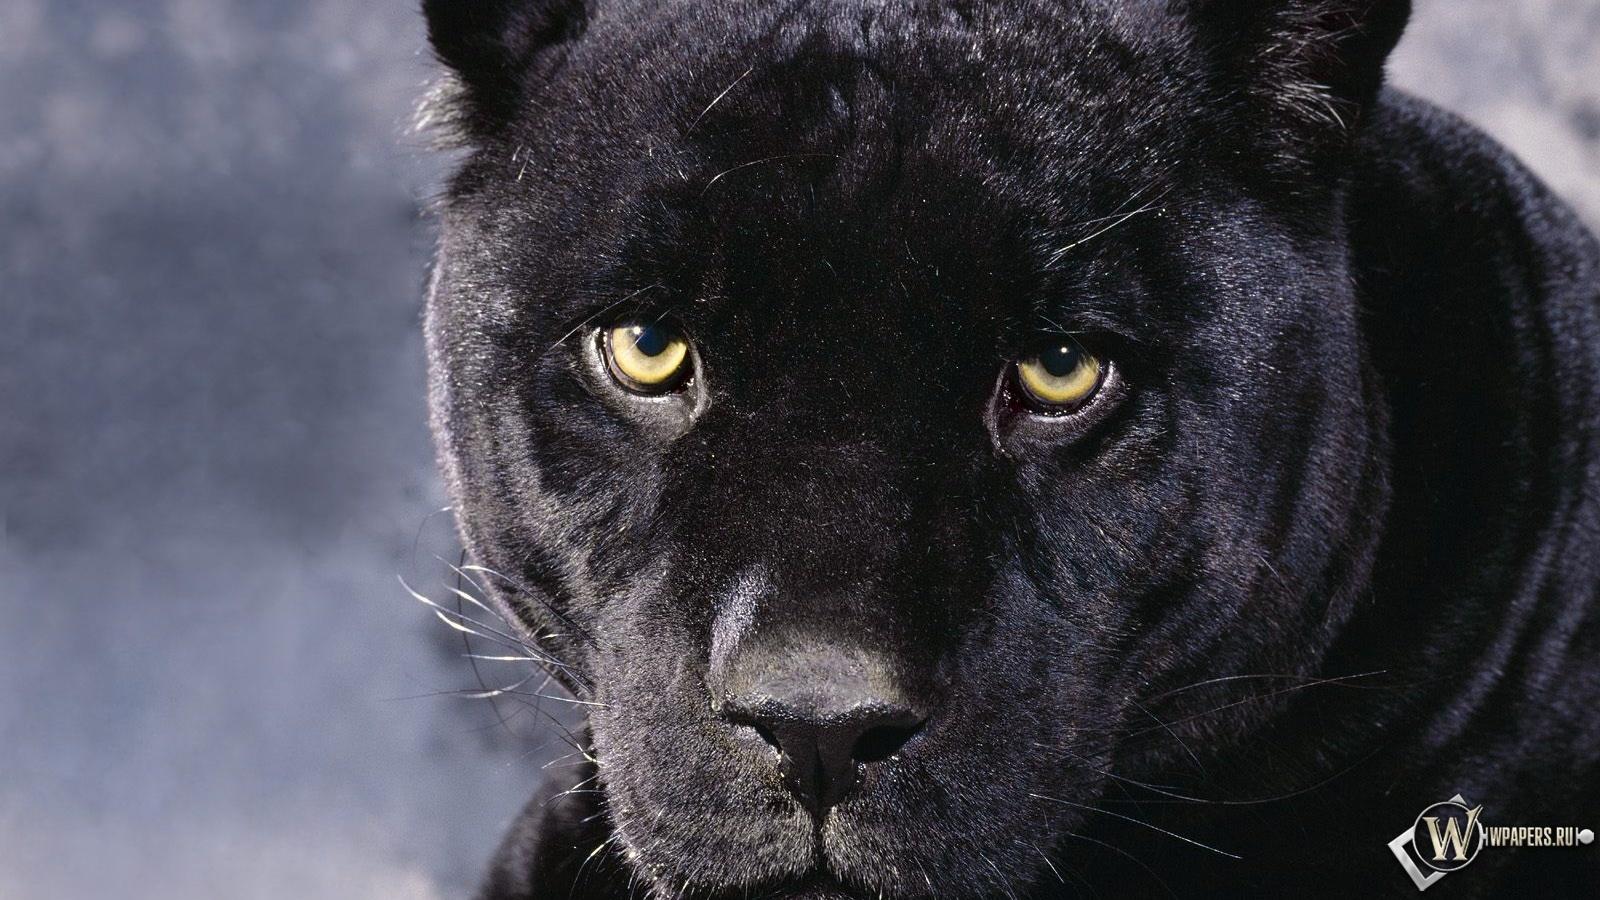 36 HD Imagem Black Panther Focinho Pantera Negra 1600x900